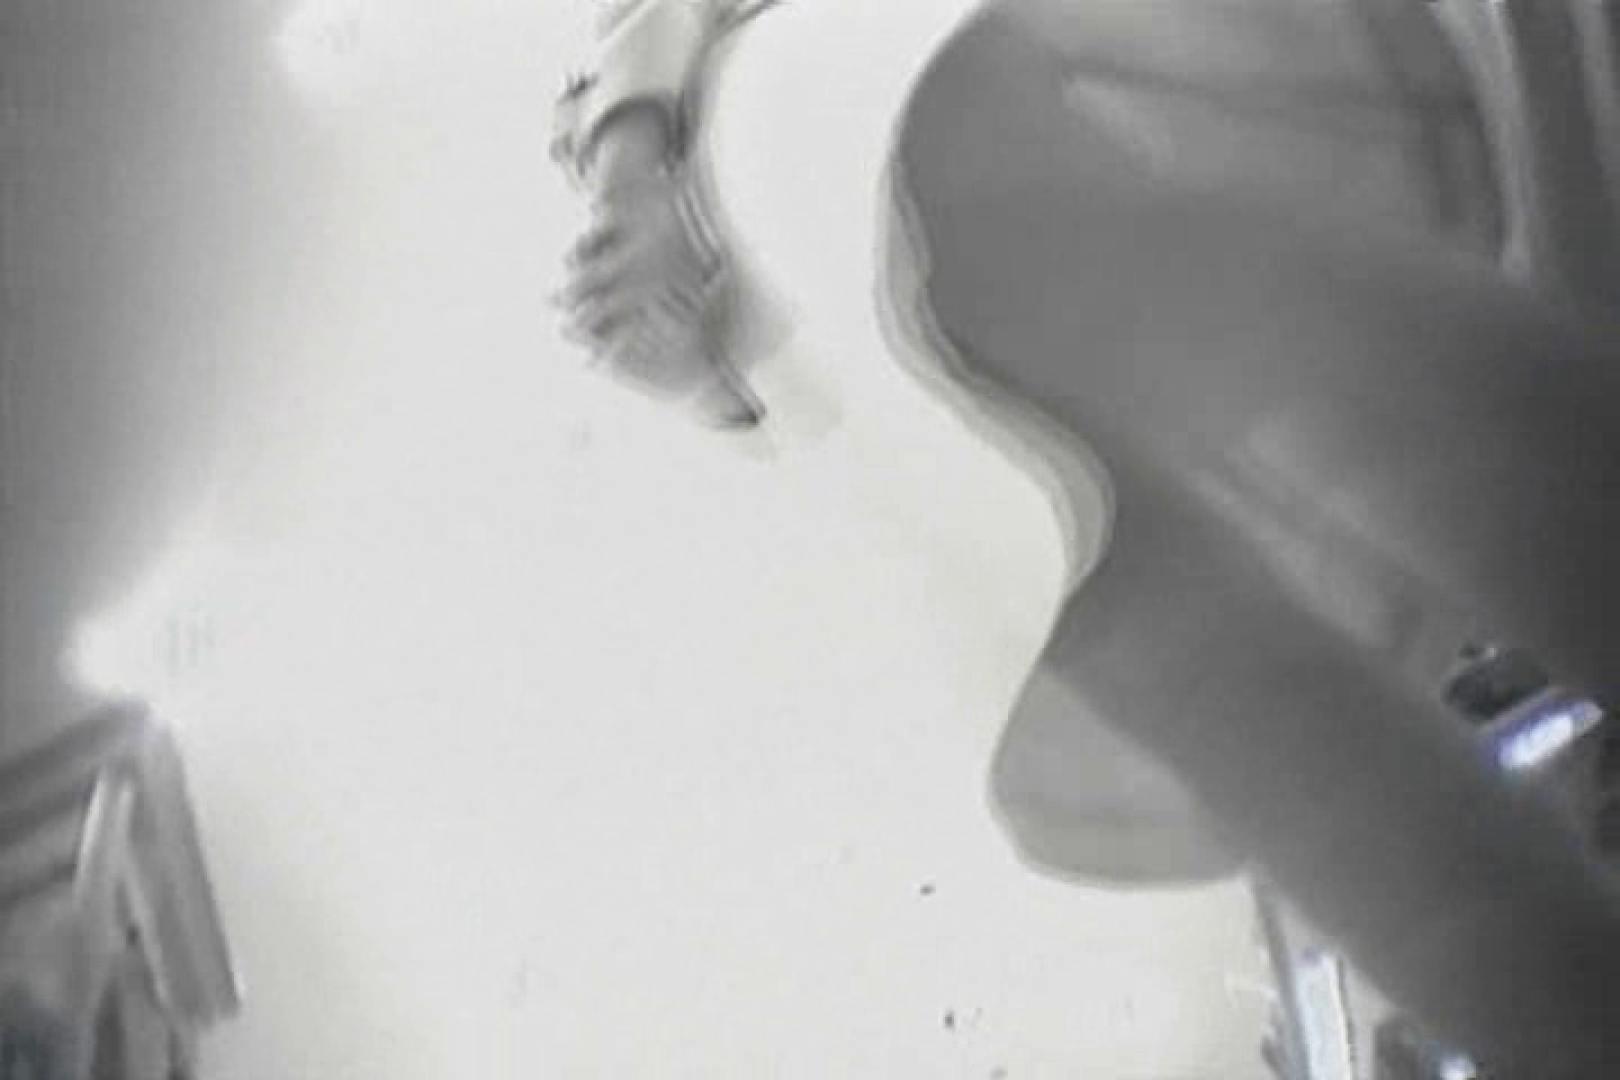 デパートローアングル徘徊 靴カメ盗撮Vol.2 OLの実態 盗撮セックス無修正動画無料 99pic 57